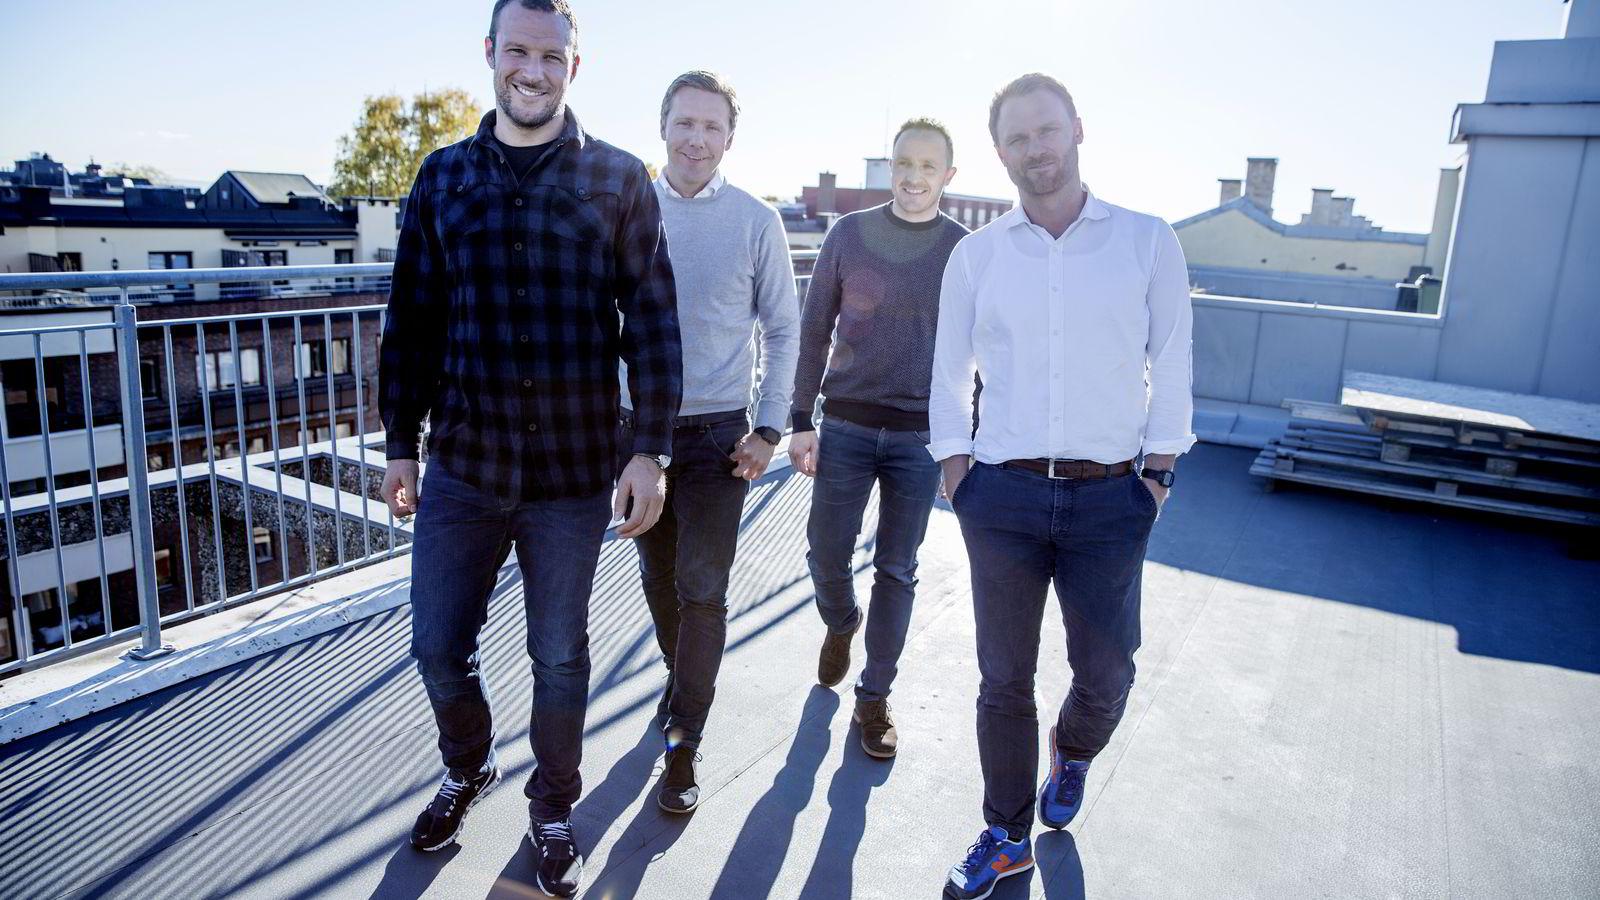 Utvikler alpin-app: Norselab-ledelsen, her ved investor og styremedlem Aksel Lund Svindal (t.v.), administrerende direktør Kjetil Olsen, og grunnleggerne Christian Lundvang og Yngve Tvedt (t.h.). Foto: Fredrik Bjerknes